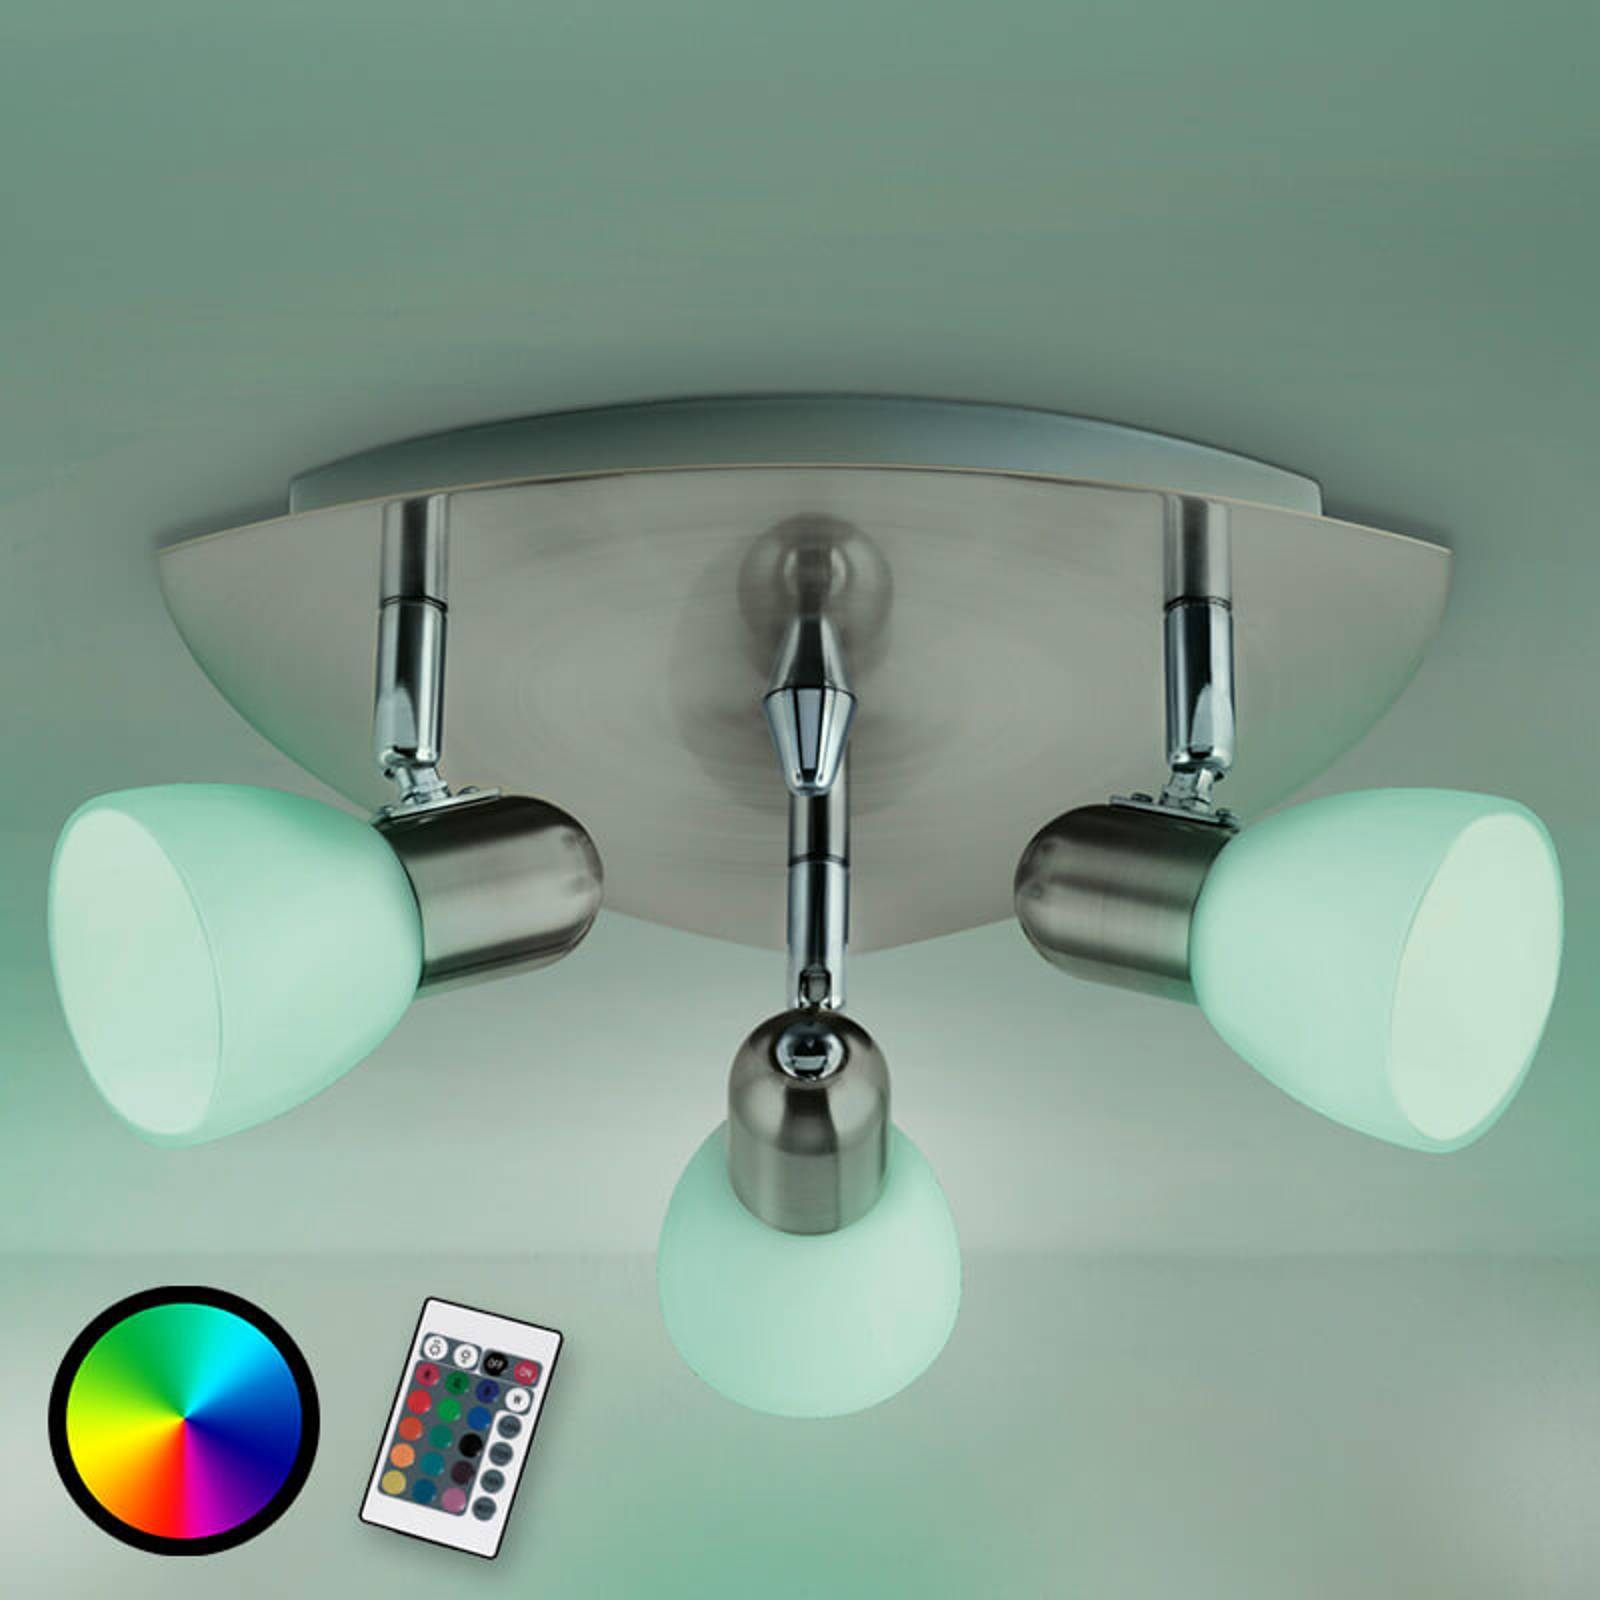 Kolmilamppuinen Enea-C-kattovalaisin, LED RGBW